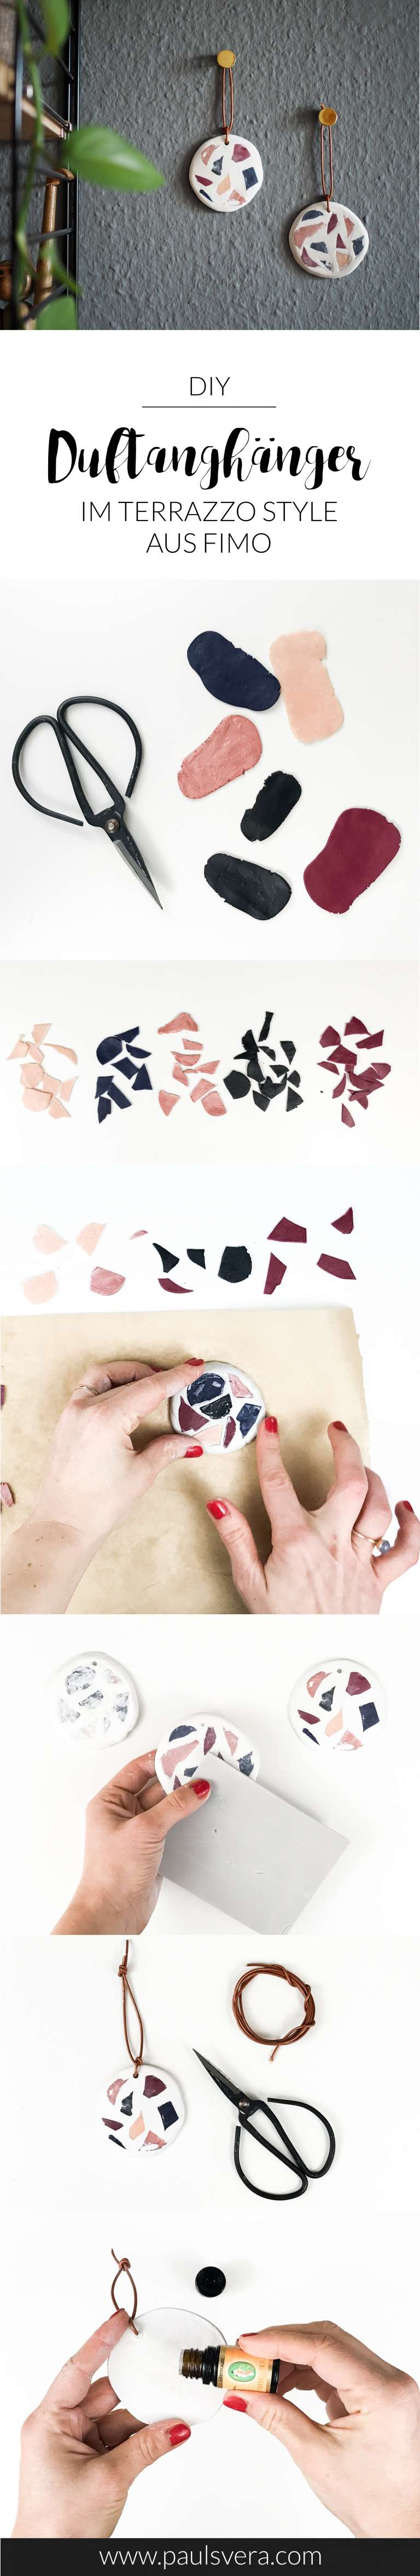 Raumduft-selber-machen-selbstgemachte-Duftanhänger-moderne-Ideen-mit-FIMO-paulsvera